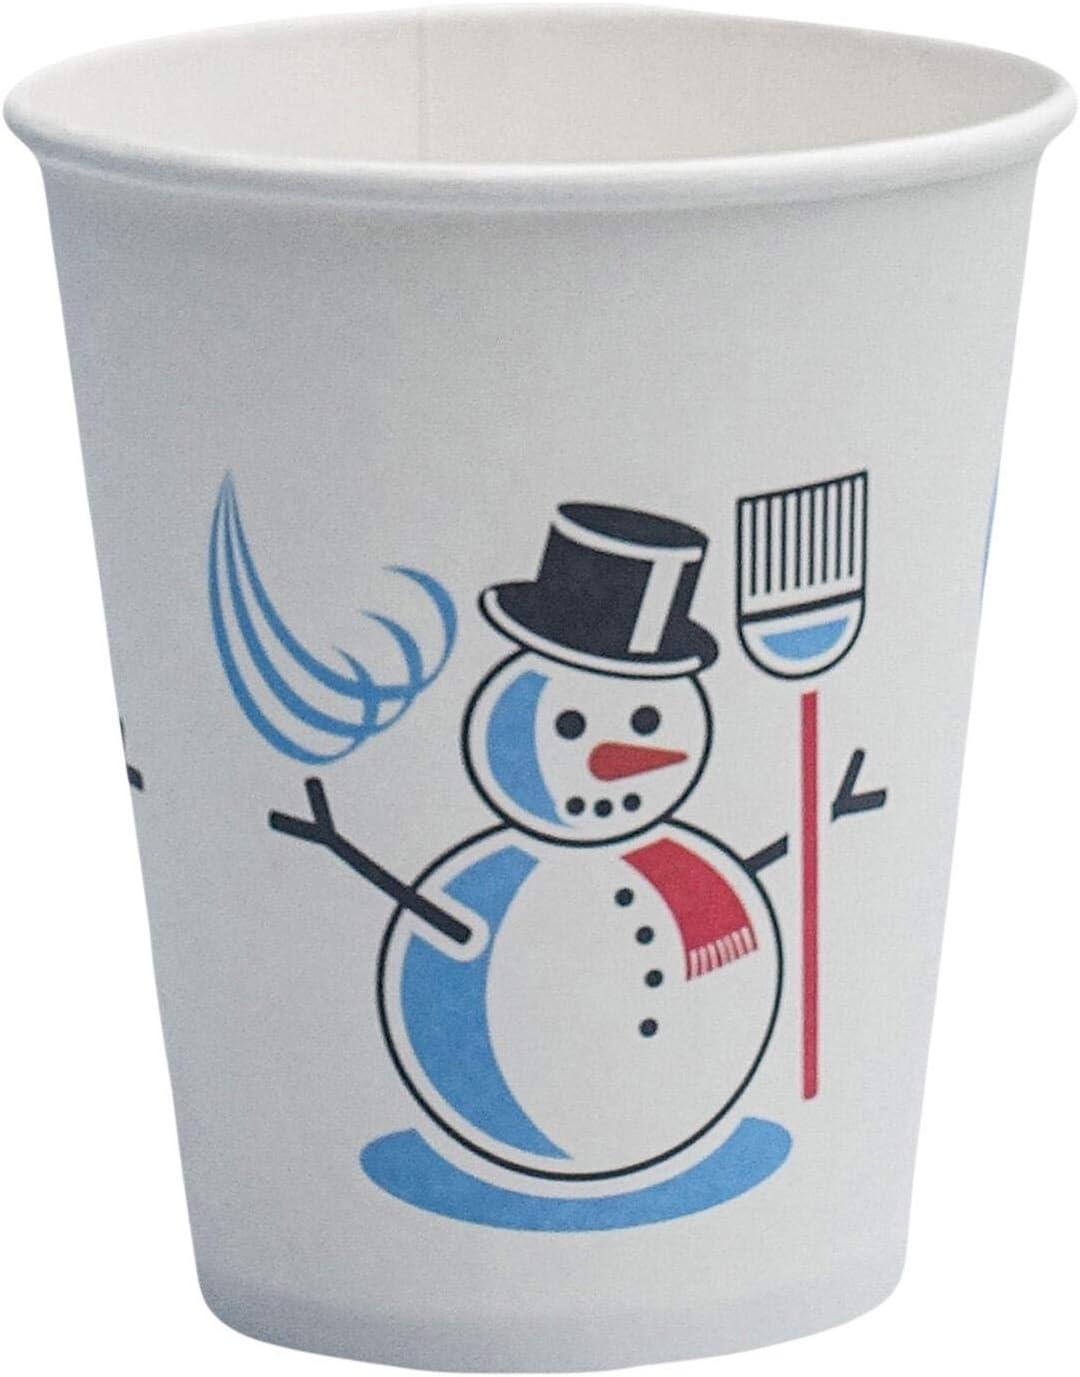 250 ml Lot de 100 gobelets jetables en carton Motif bonhomme de neige dhiver